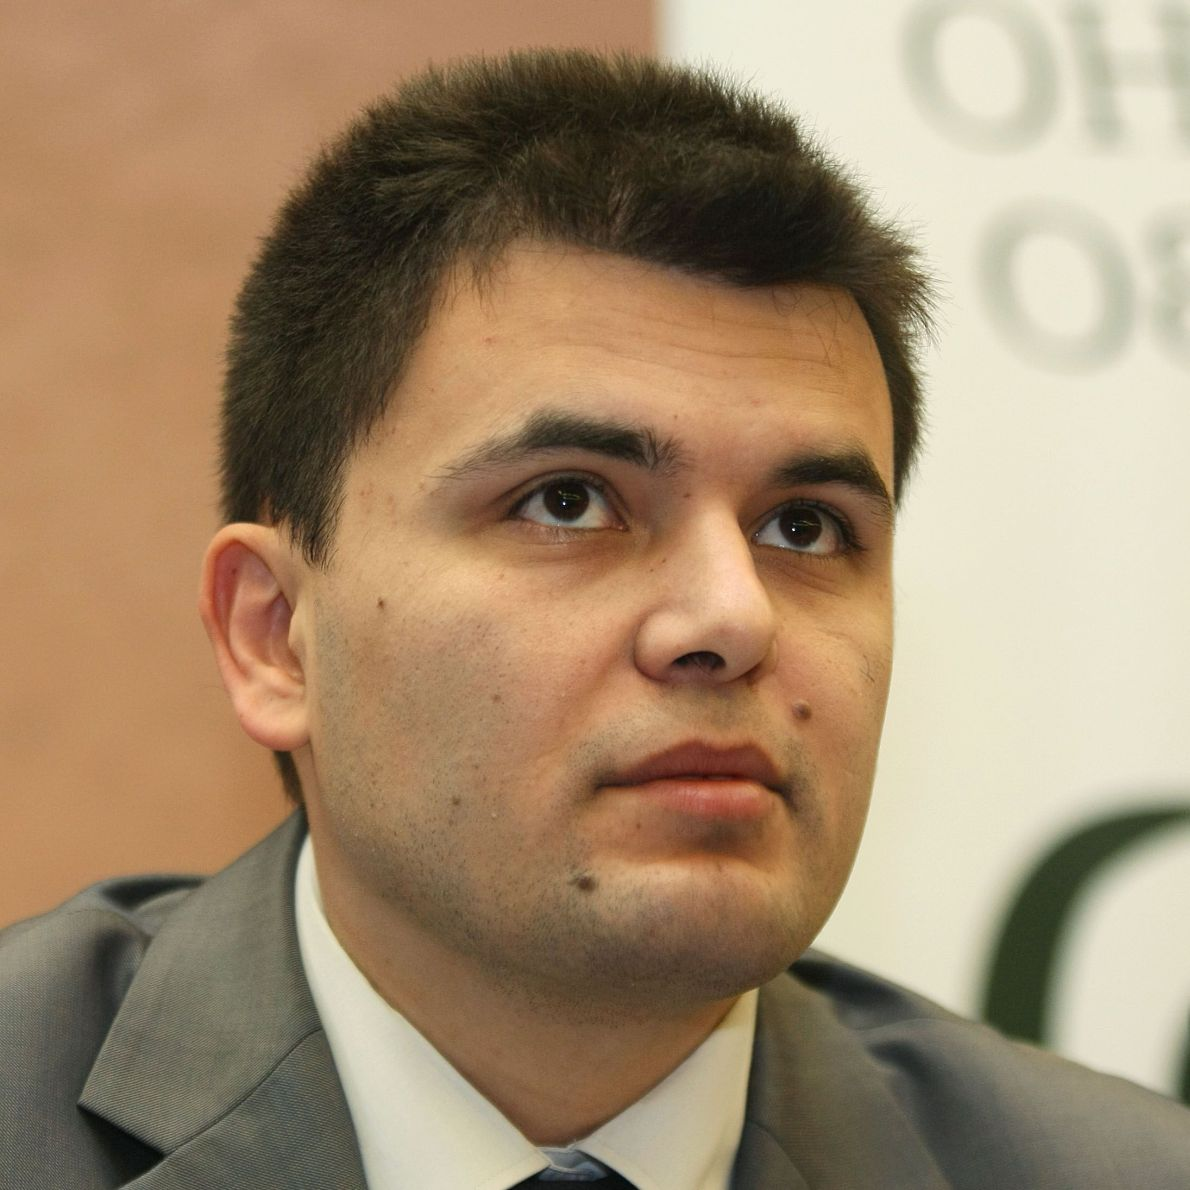 Лъчезар Богданов: Икономическият растеж се усеща по-осезаемо